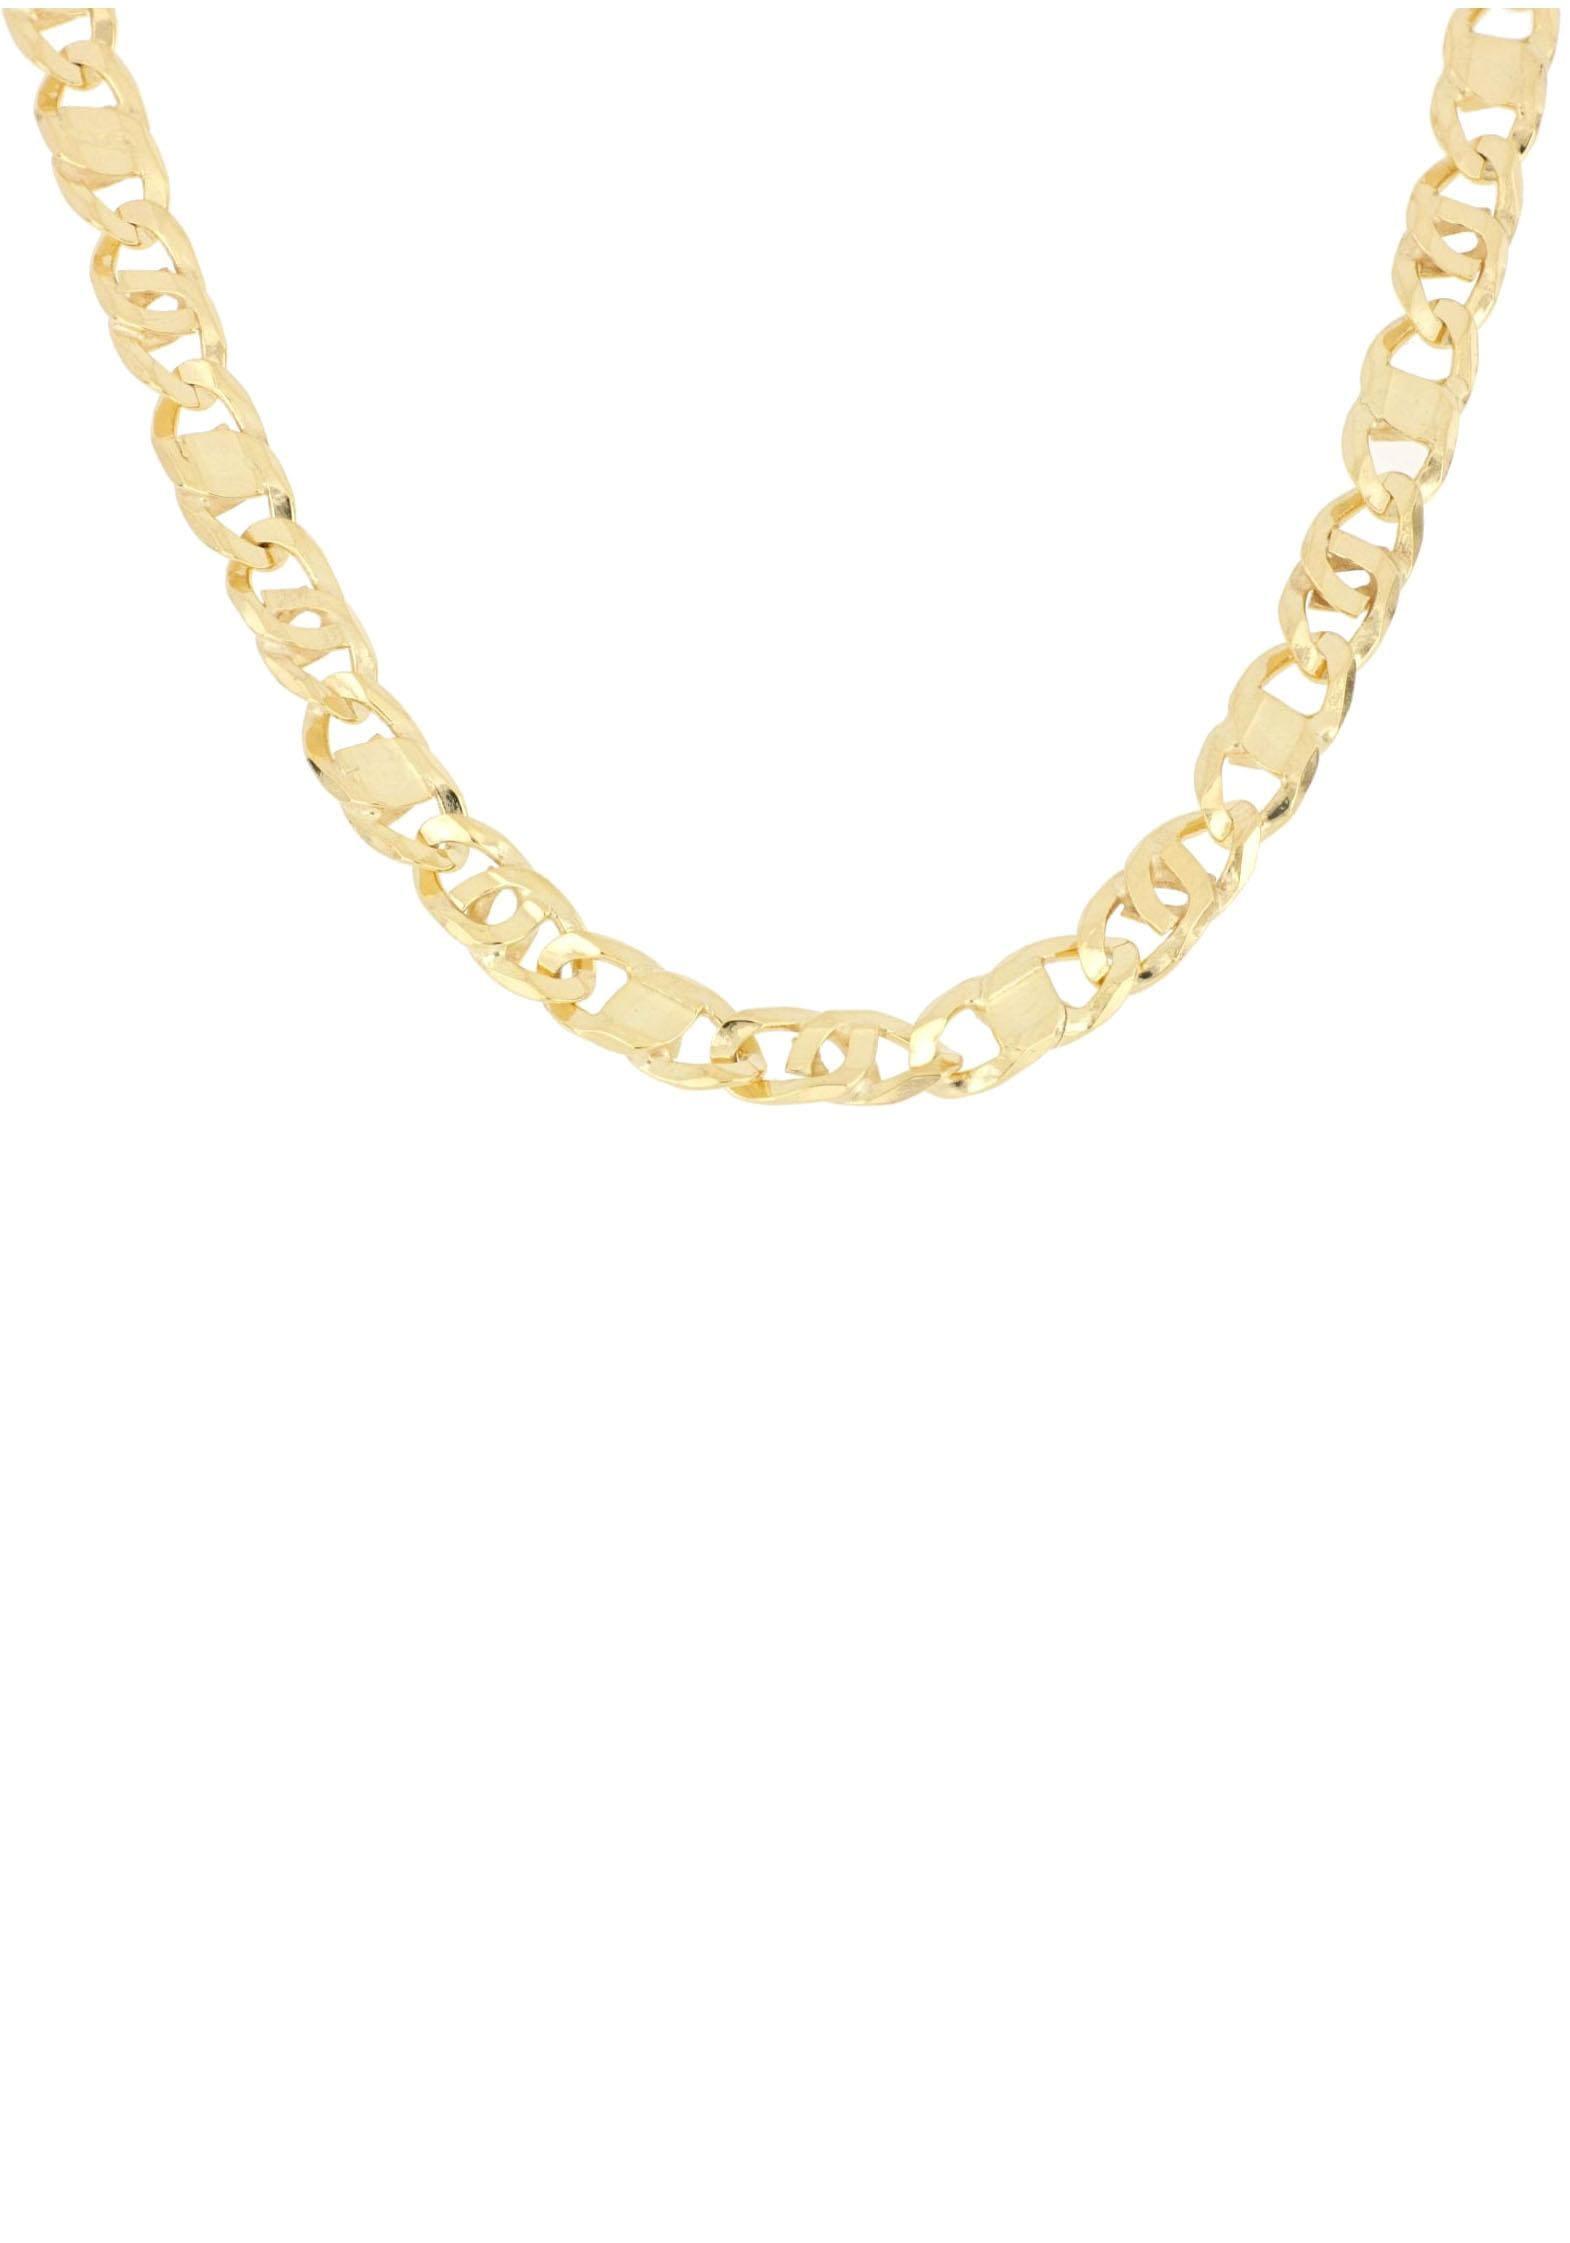 Firetti Goldkette in Achter-Rebhuhn-Plättchenkettengliederung 6-fach diamantiert poliert konkav | Schmuck > Halsketten > Goldketten | Goldfarben | Firetti